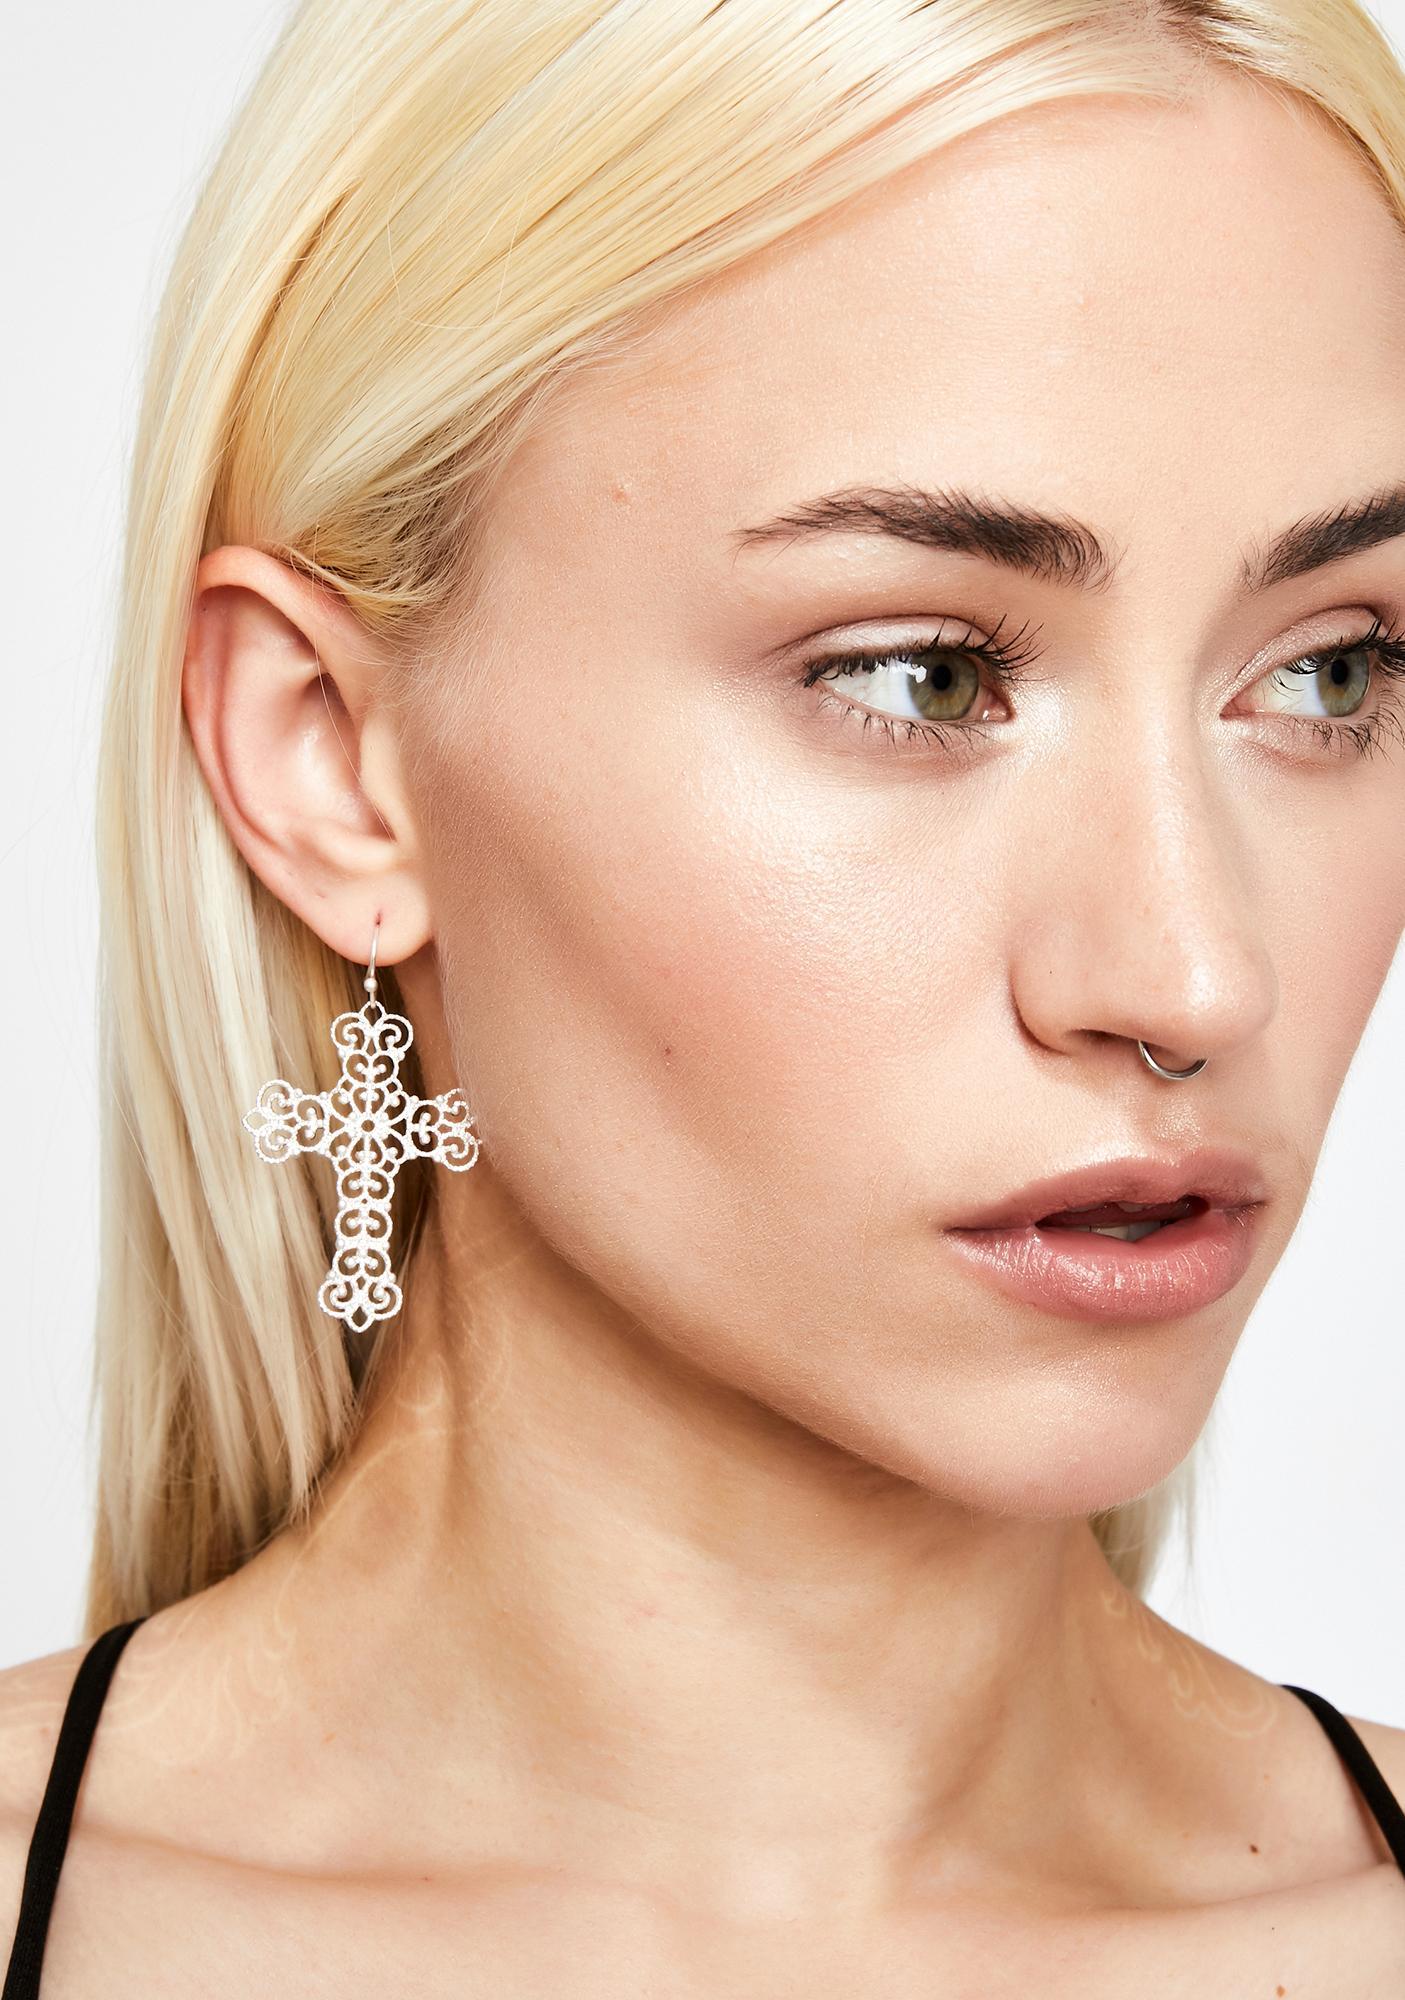 No Religion Cross Earrings